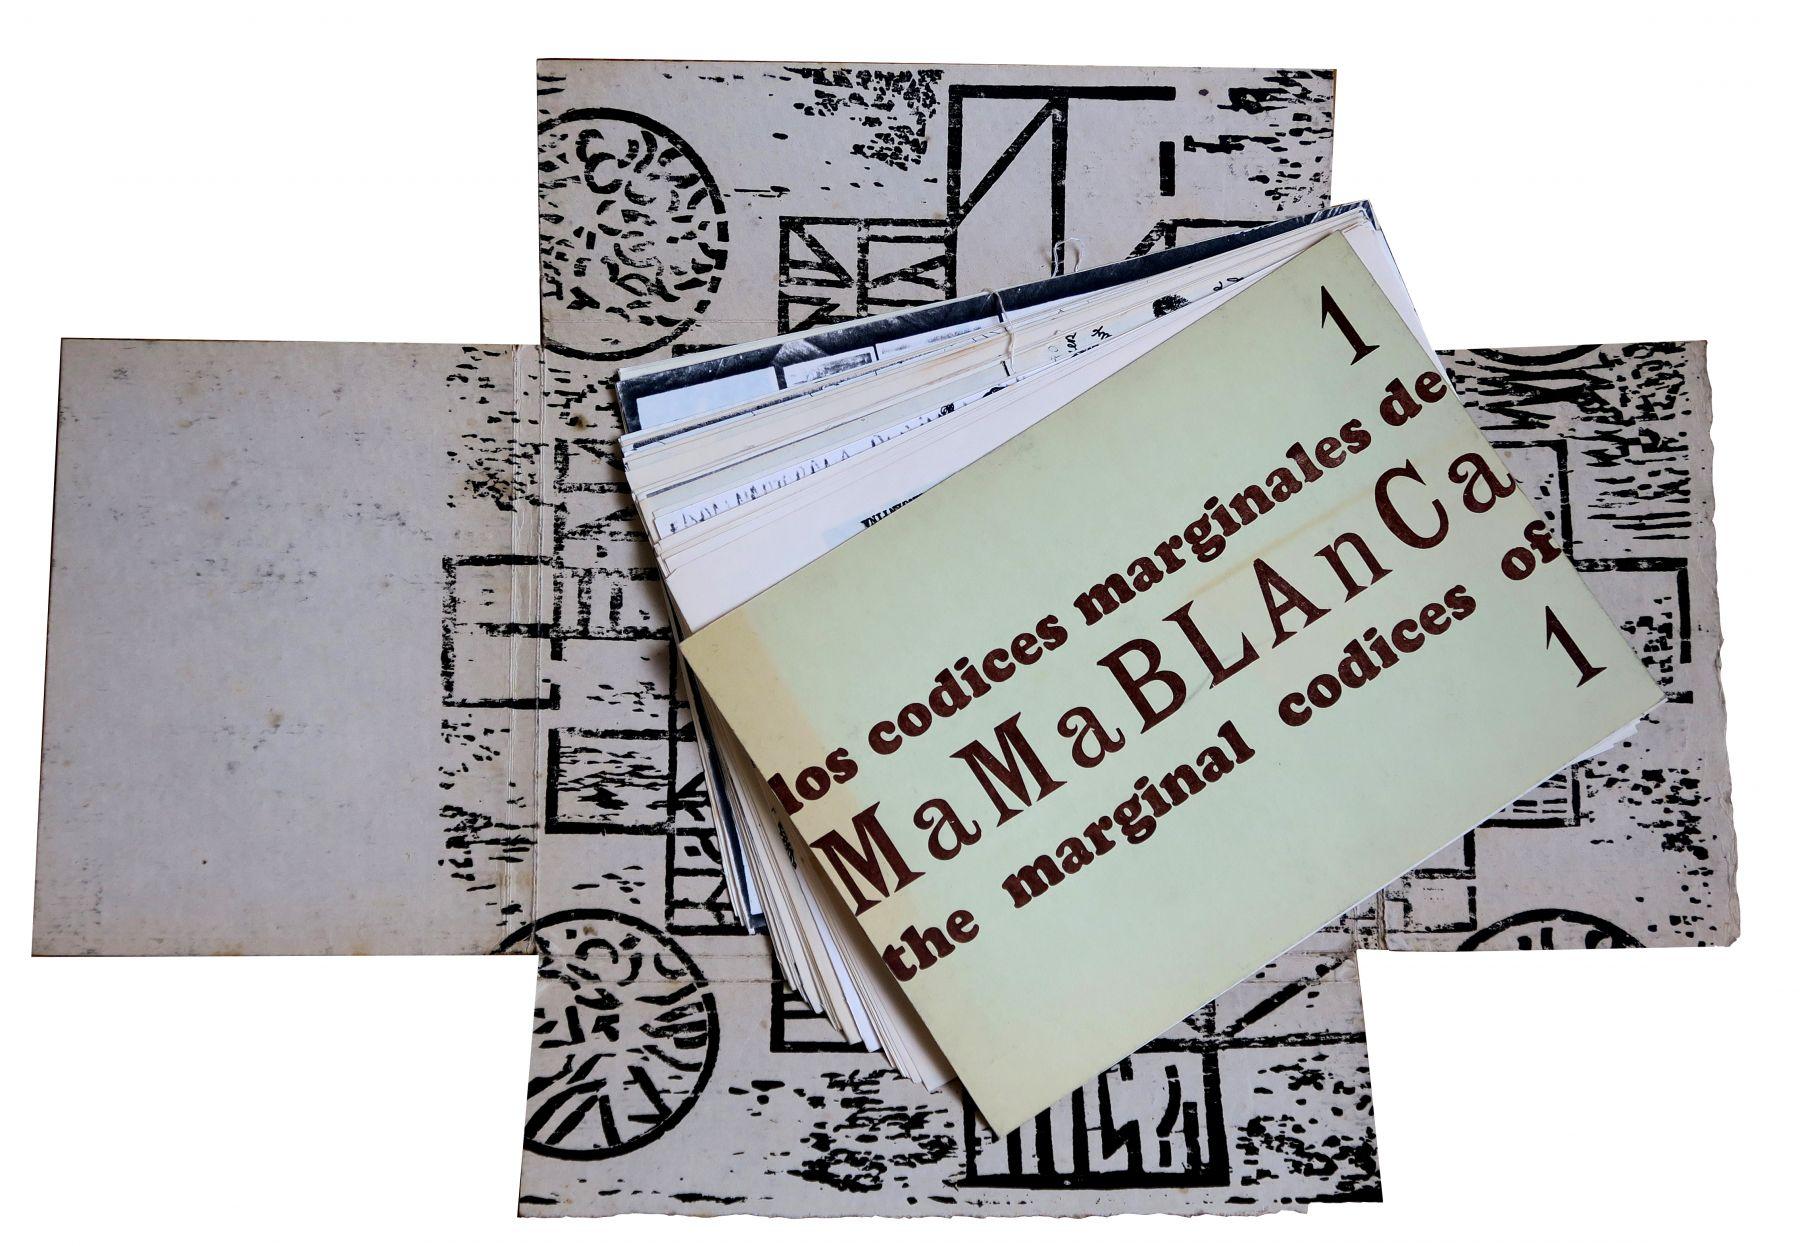 Graciela Gutierrez Marx, MaMaBLAnCa